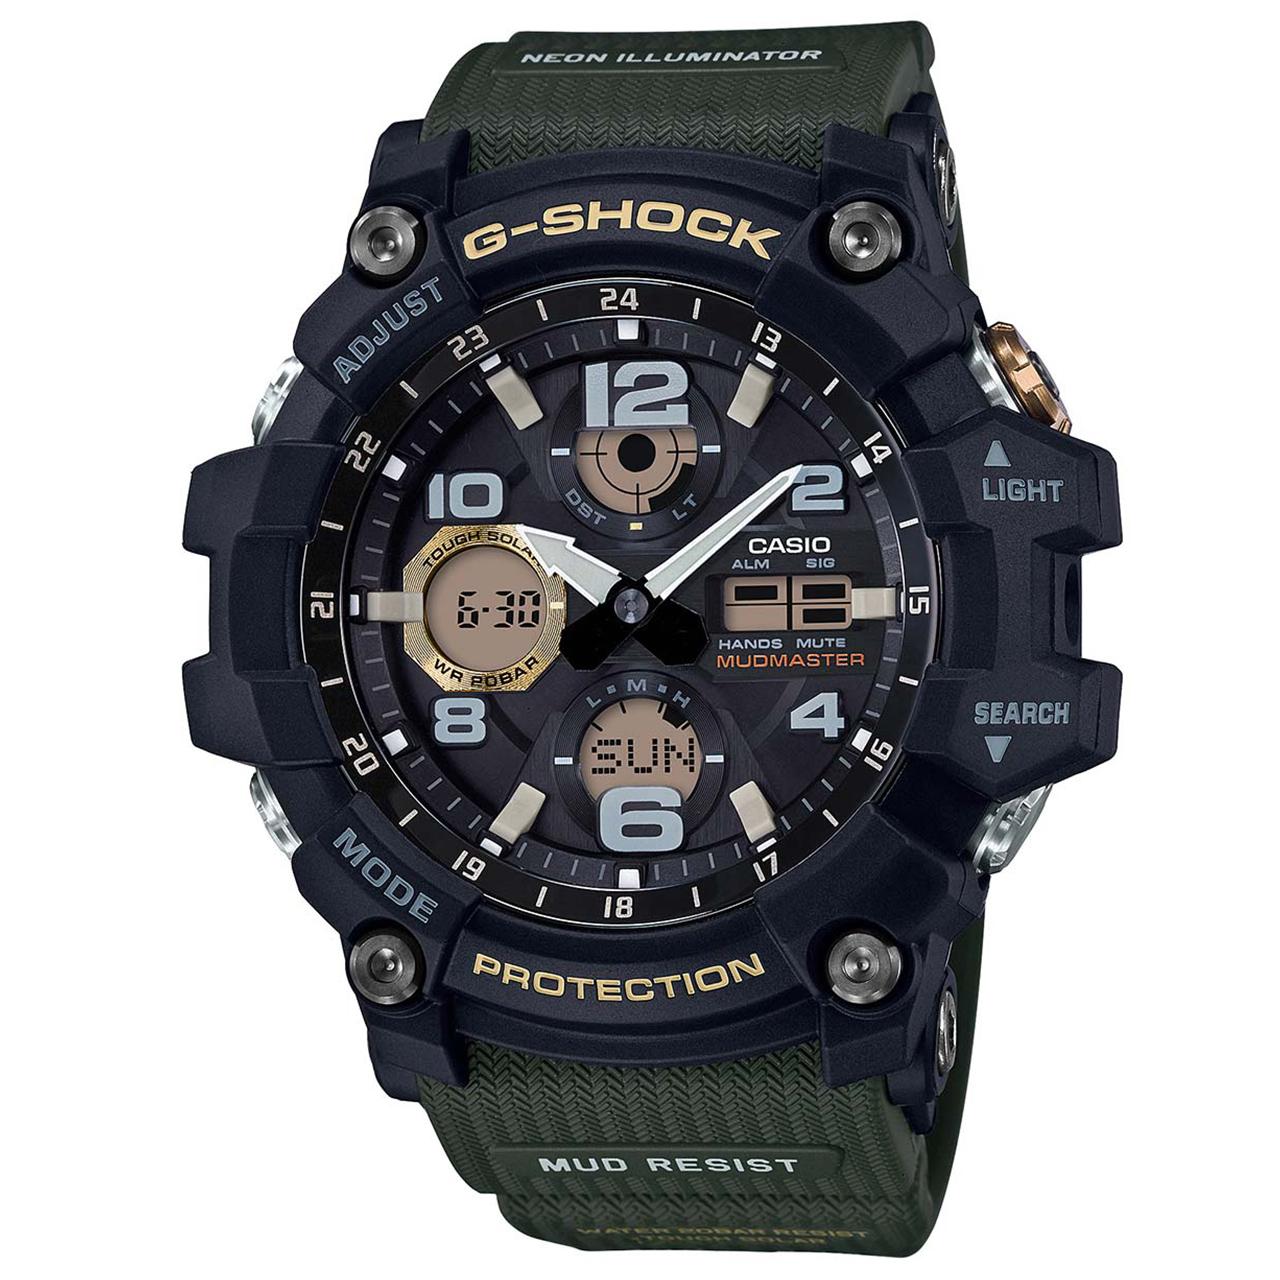 ساعت  کاسیو جی شاک مدل GSG-100-1A3DR